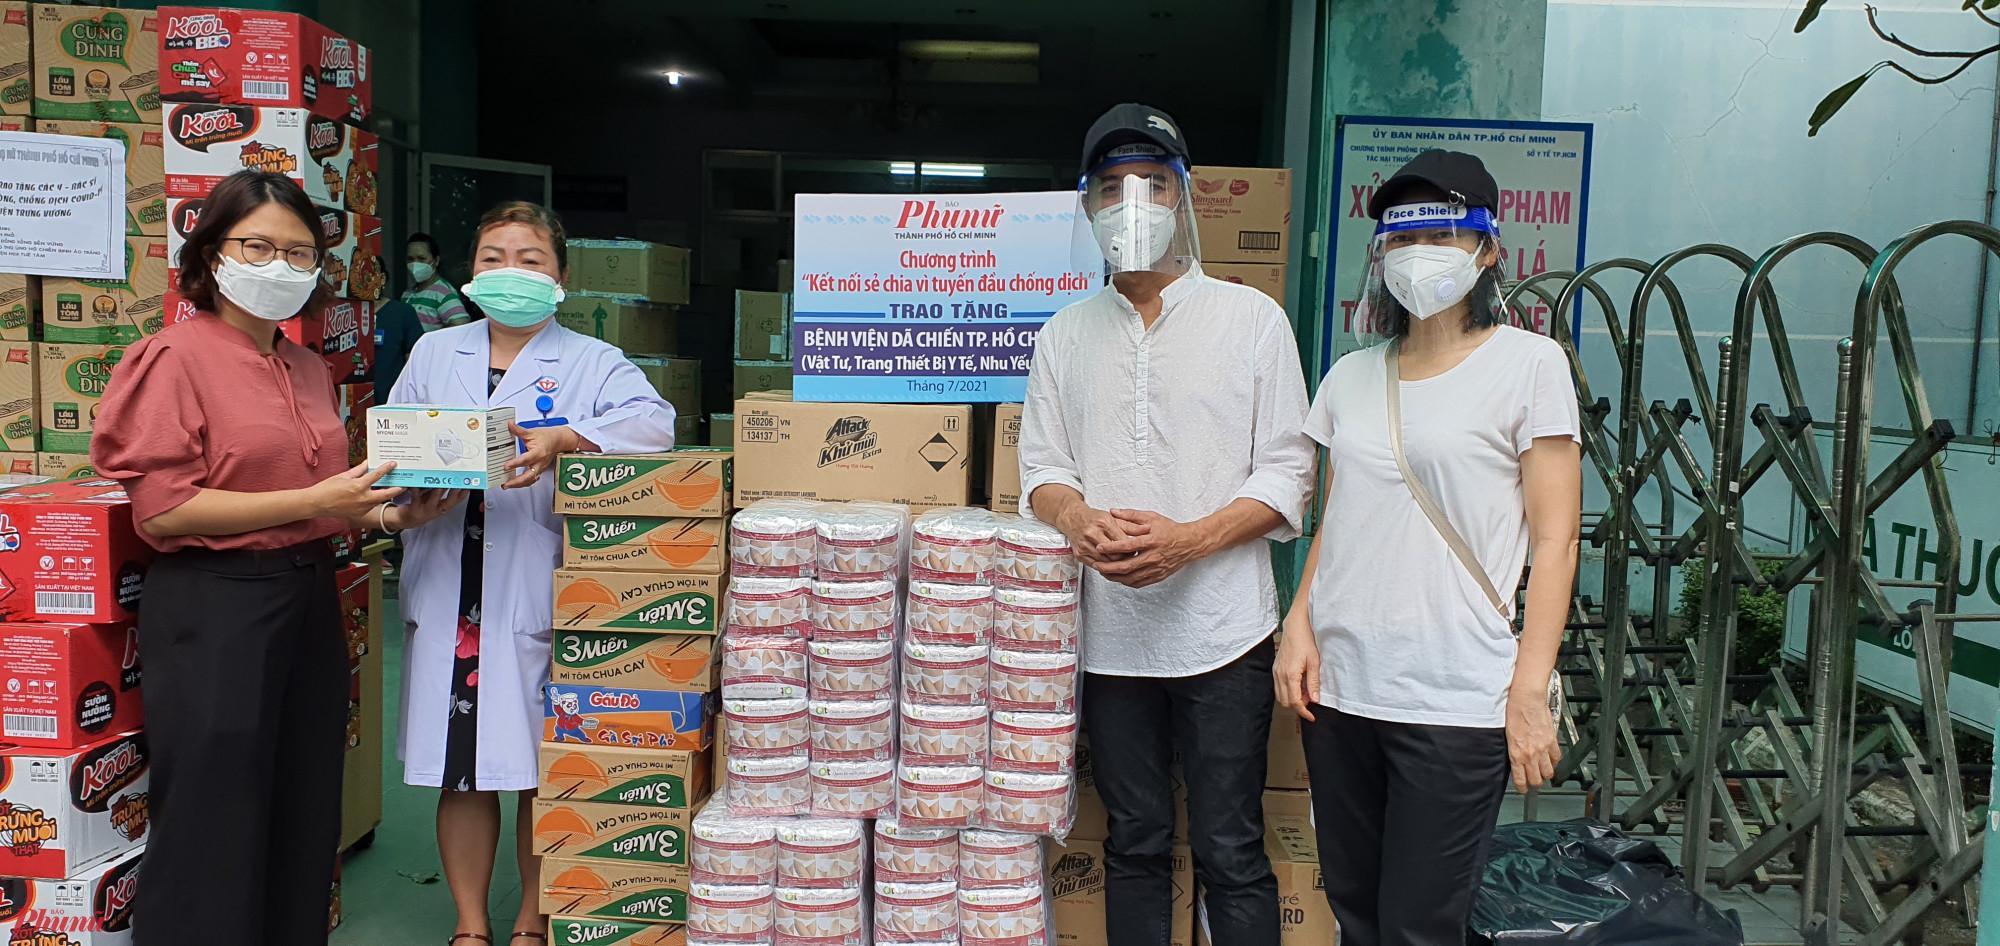 Báo Phụ nữ TPHCM tặng vật tu y tế đến bệnh viện Trưng Vương